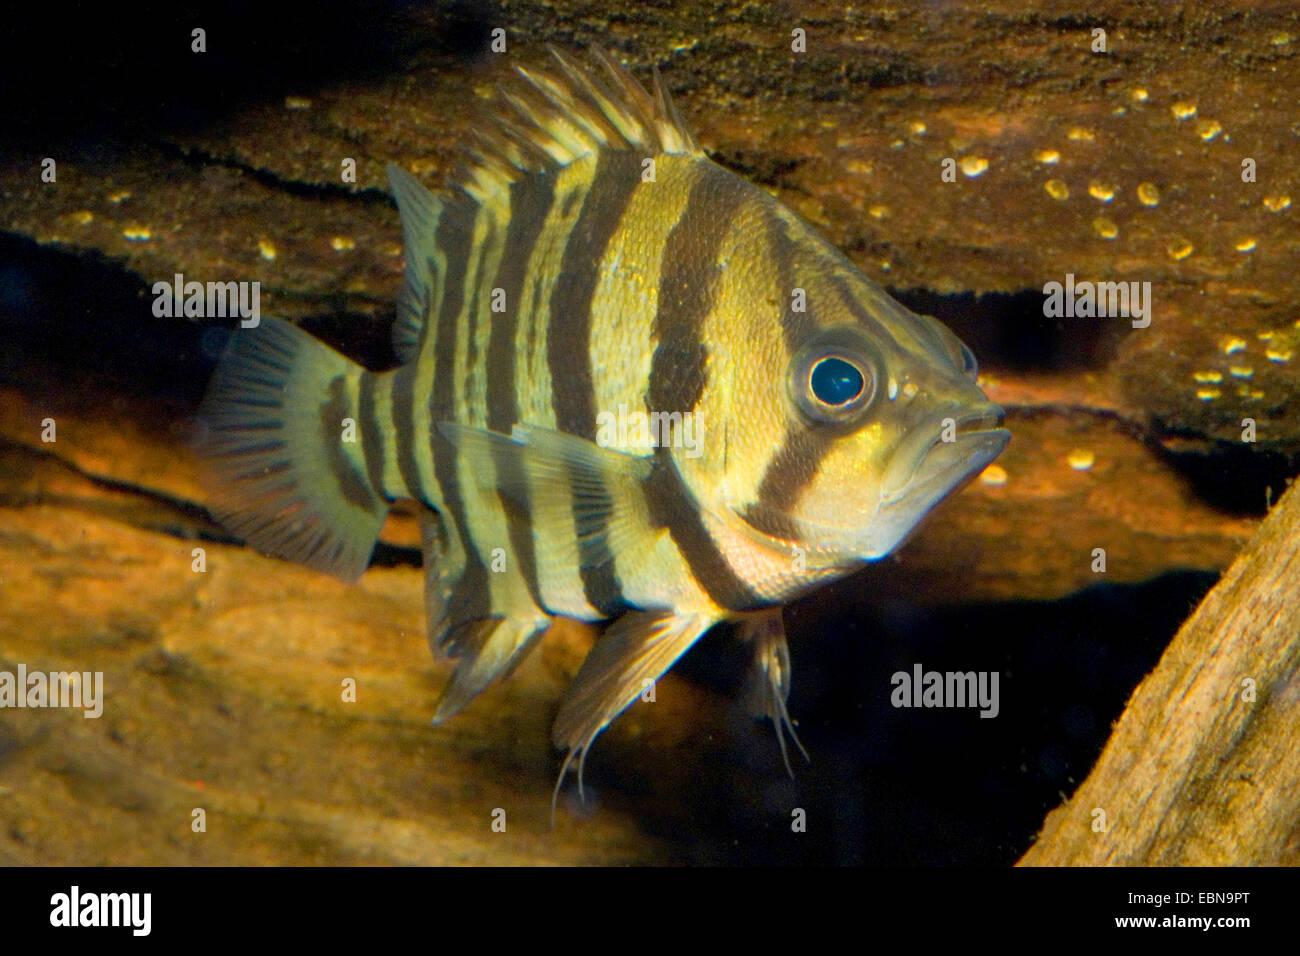 Indian Tidal Tigerperch, Four barred Tiger fish (Datnioides quadrifasciatus, Coius quadrifasciatus), swimming - Stock Image